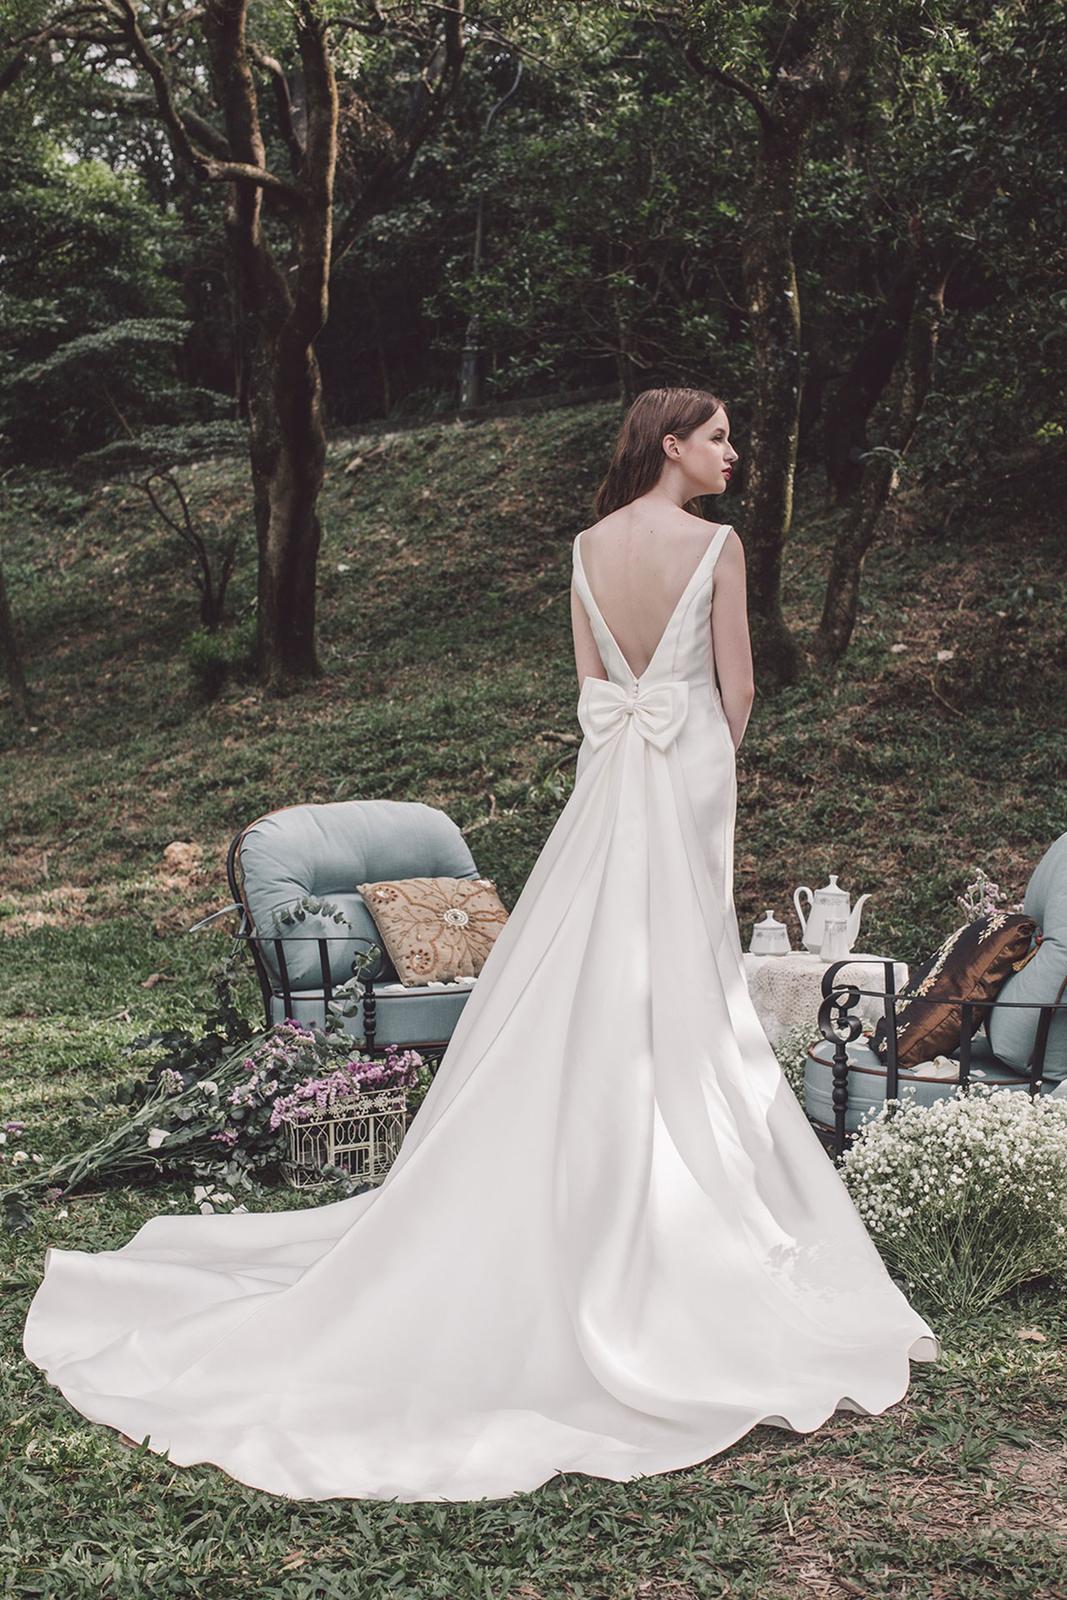 Tak jednoducho, ako sa len dá (minimalizmus v svadobných šatách) - Obrázok č. 27